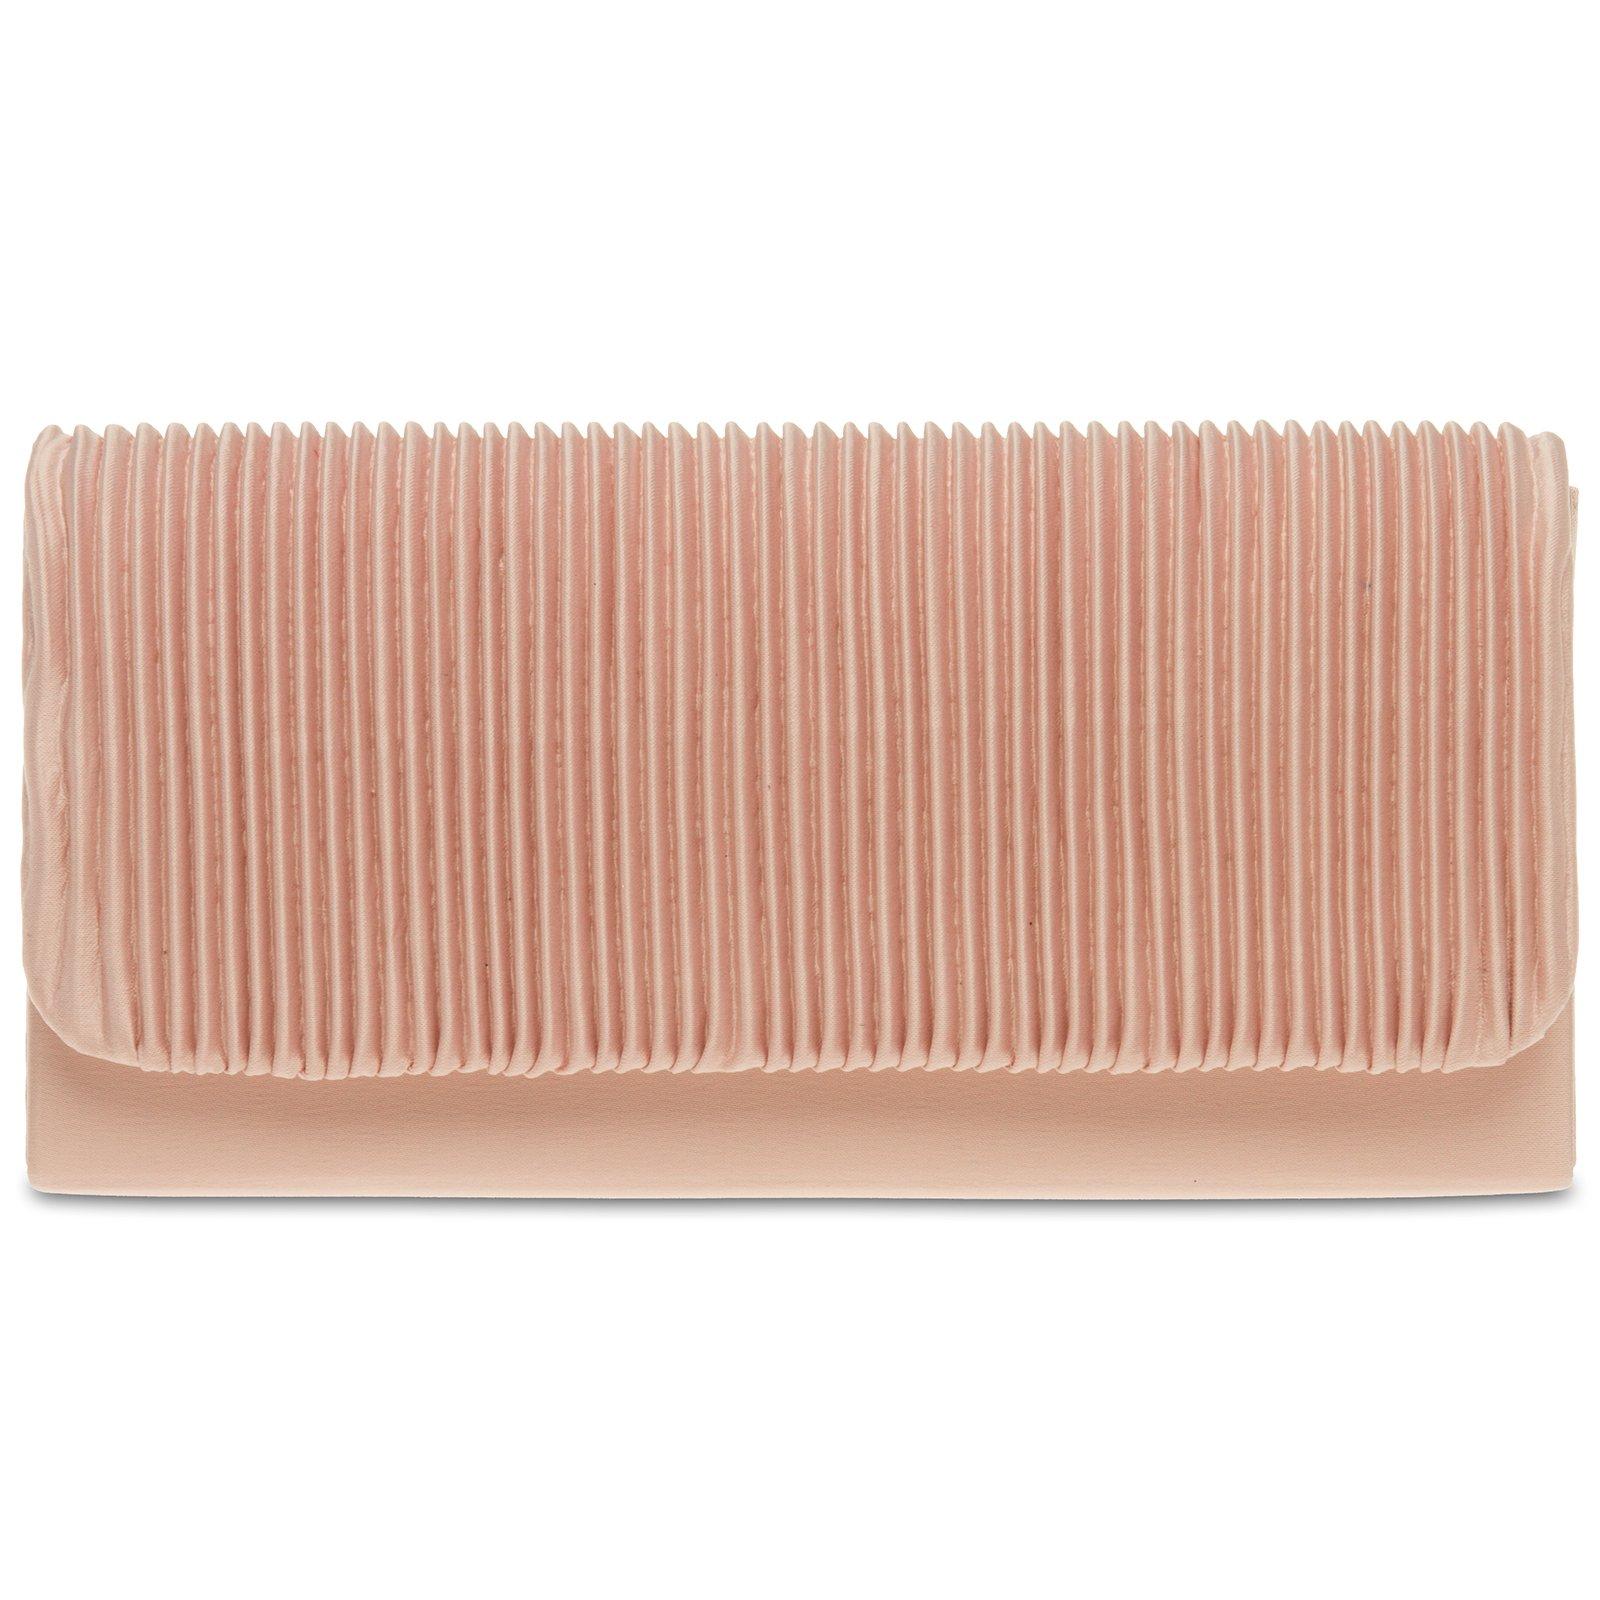 Caspar TA351 Bolso de Mano Fiesta Pequeño para Mujer Clutch con Tejido Drapeado, Talla:Talla Única, Color:rosa